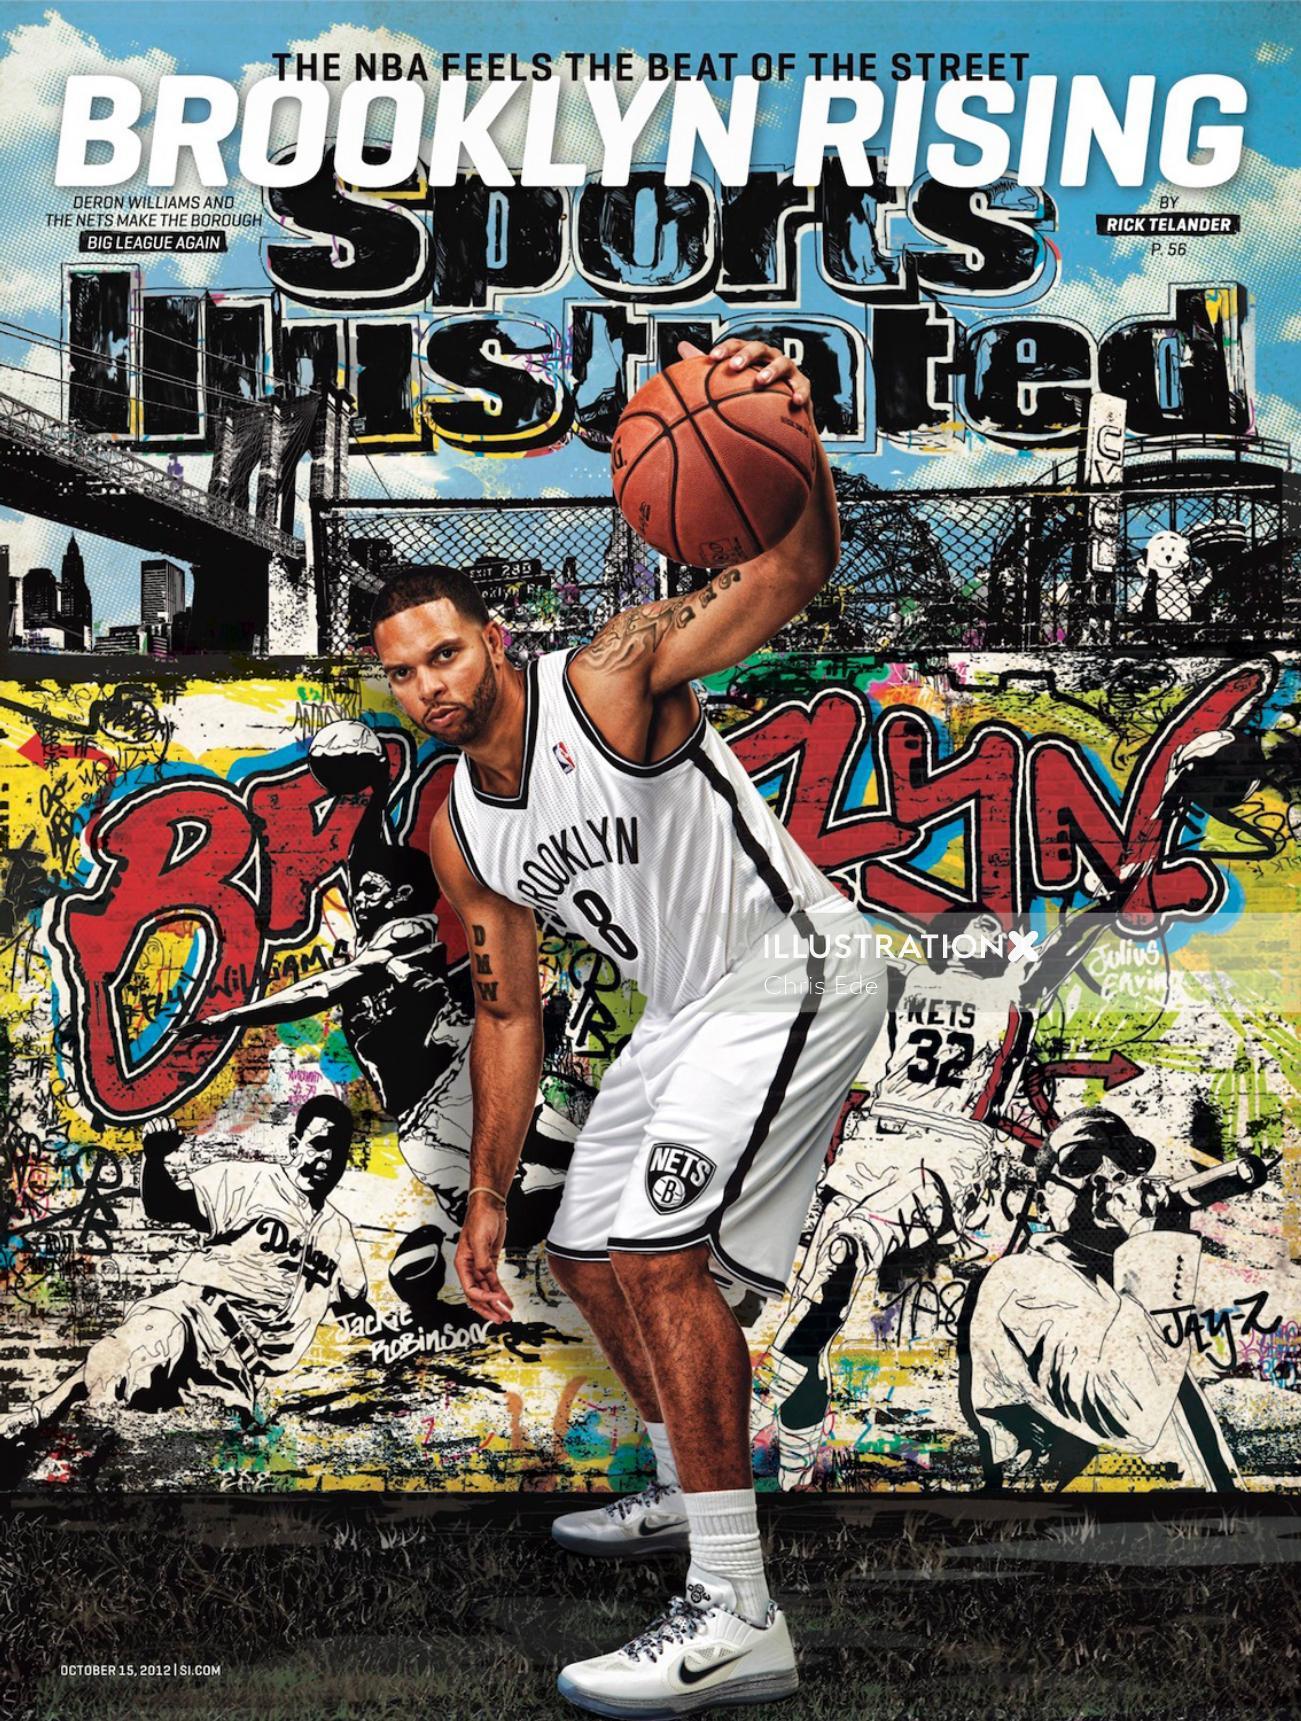 Graffiti illustration for basketball